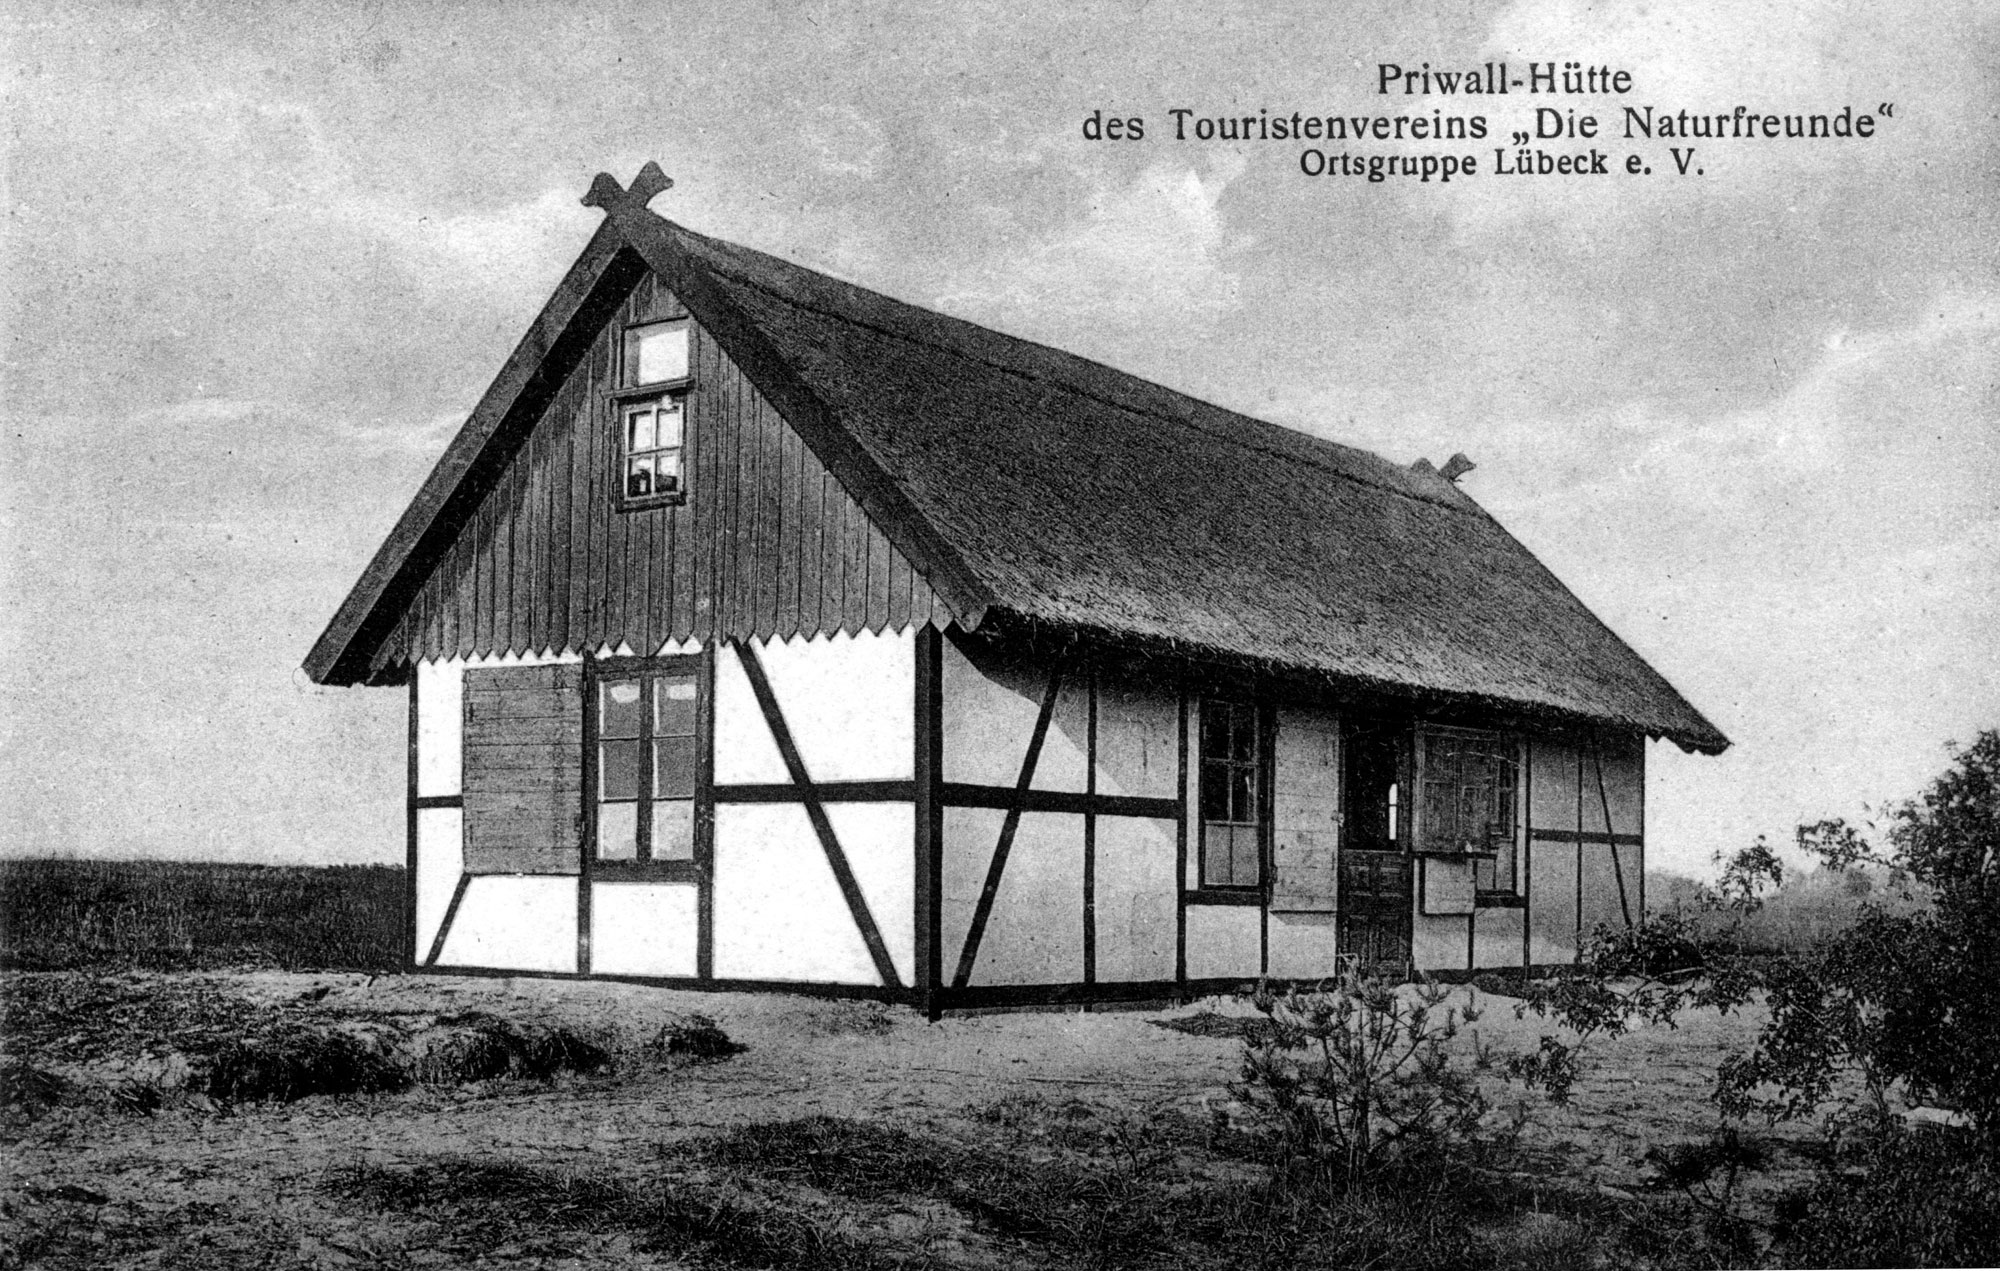 """Priwall-Hütte des Touristenvereins """"Die Naturfreunde"""" Ortsgruppe Lübeck e. V."""